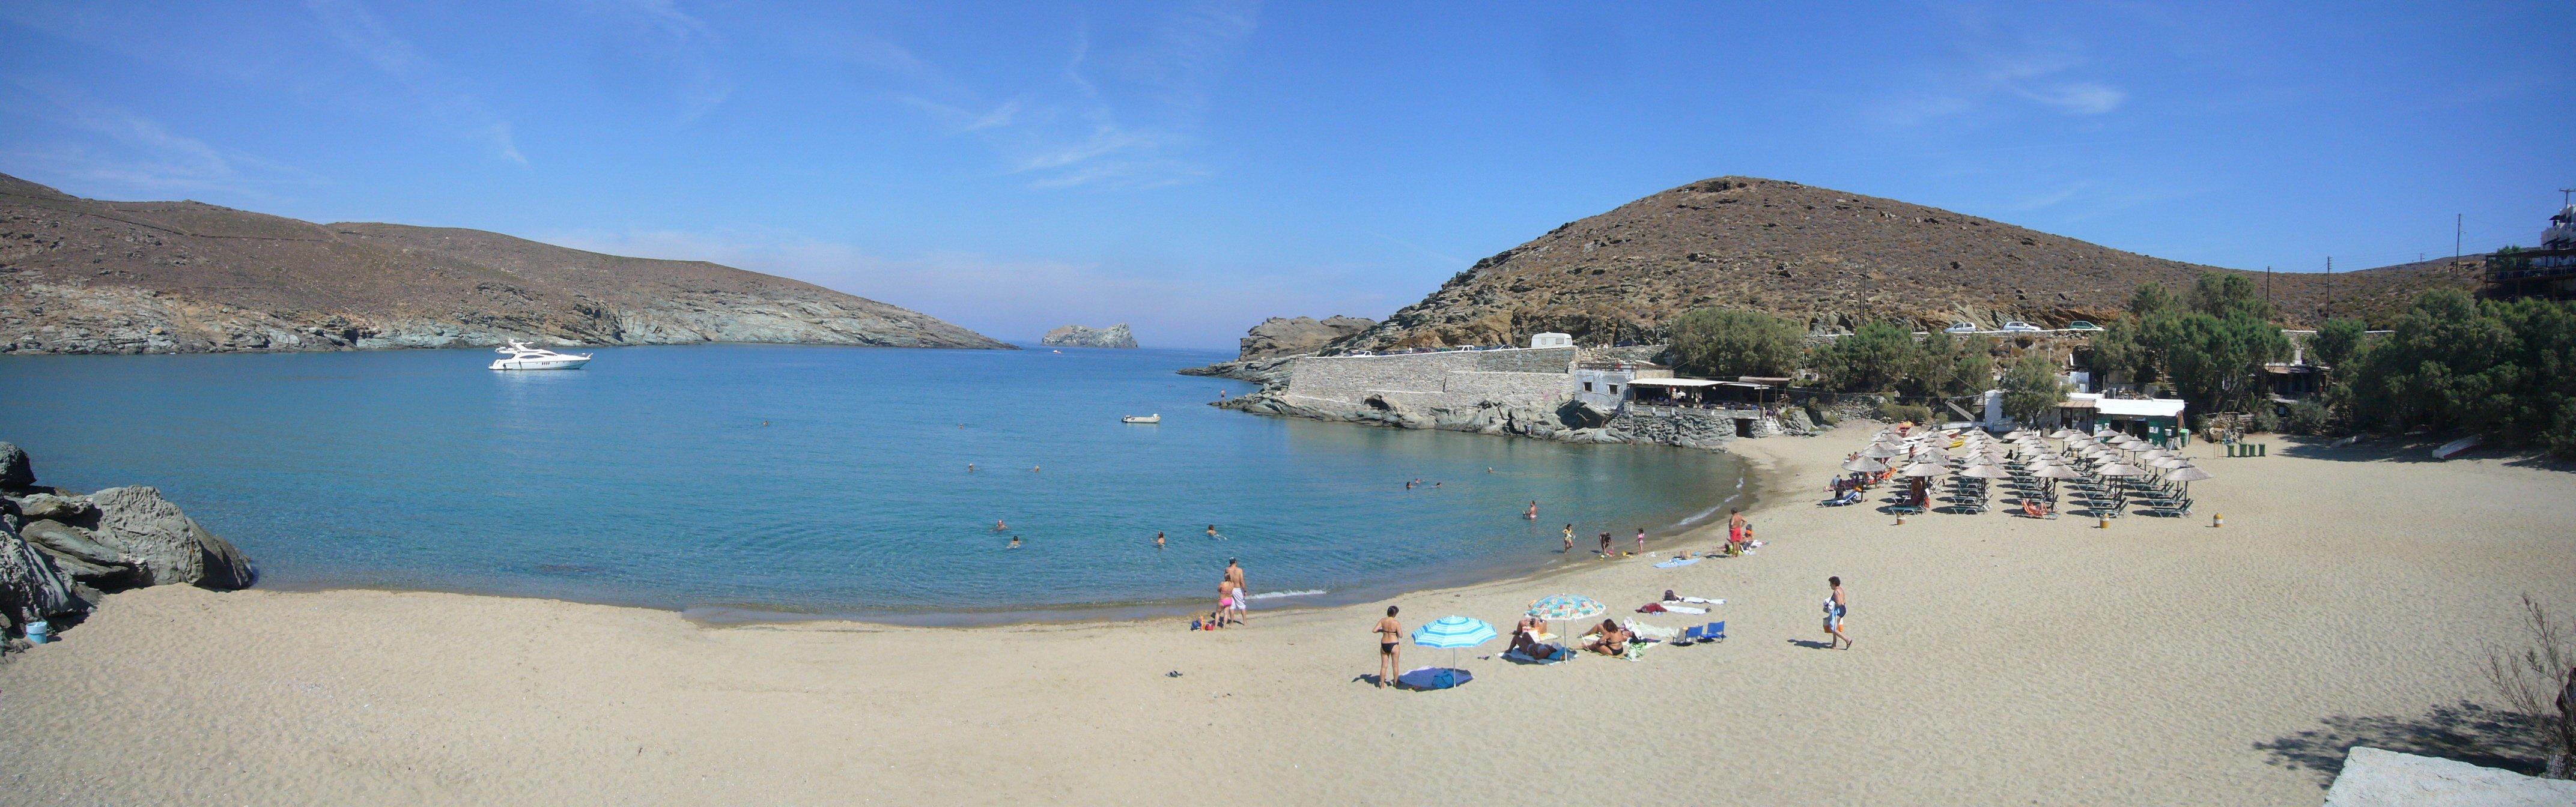 Tinos Kolimpithra Beach